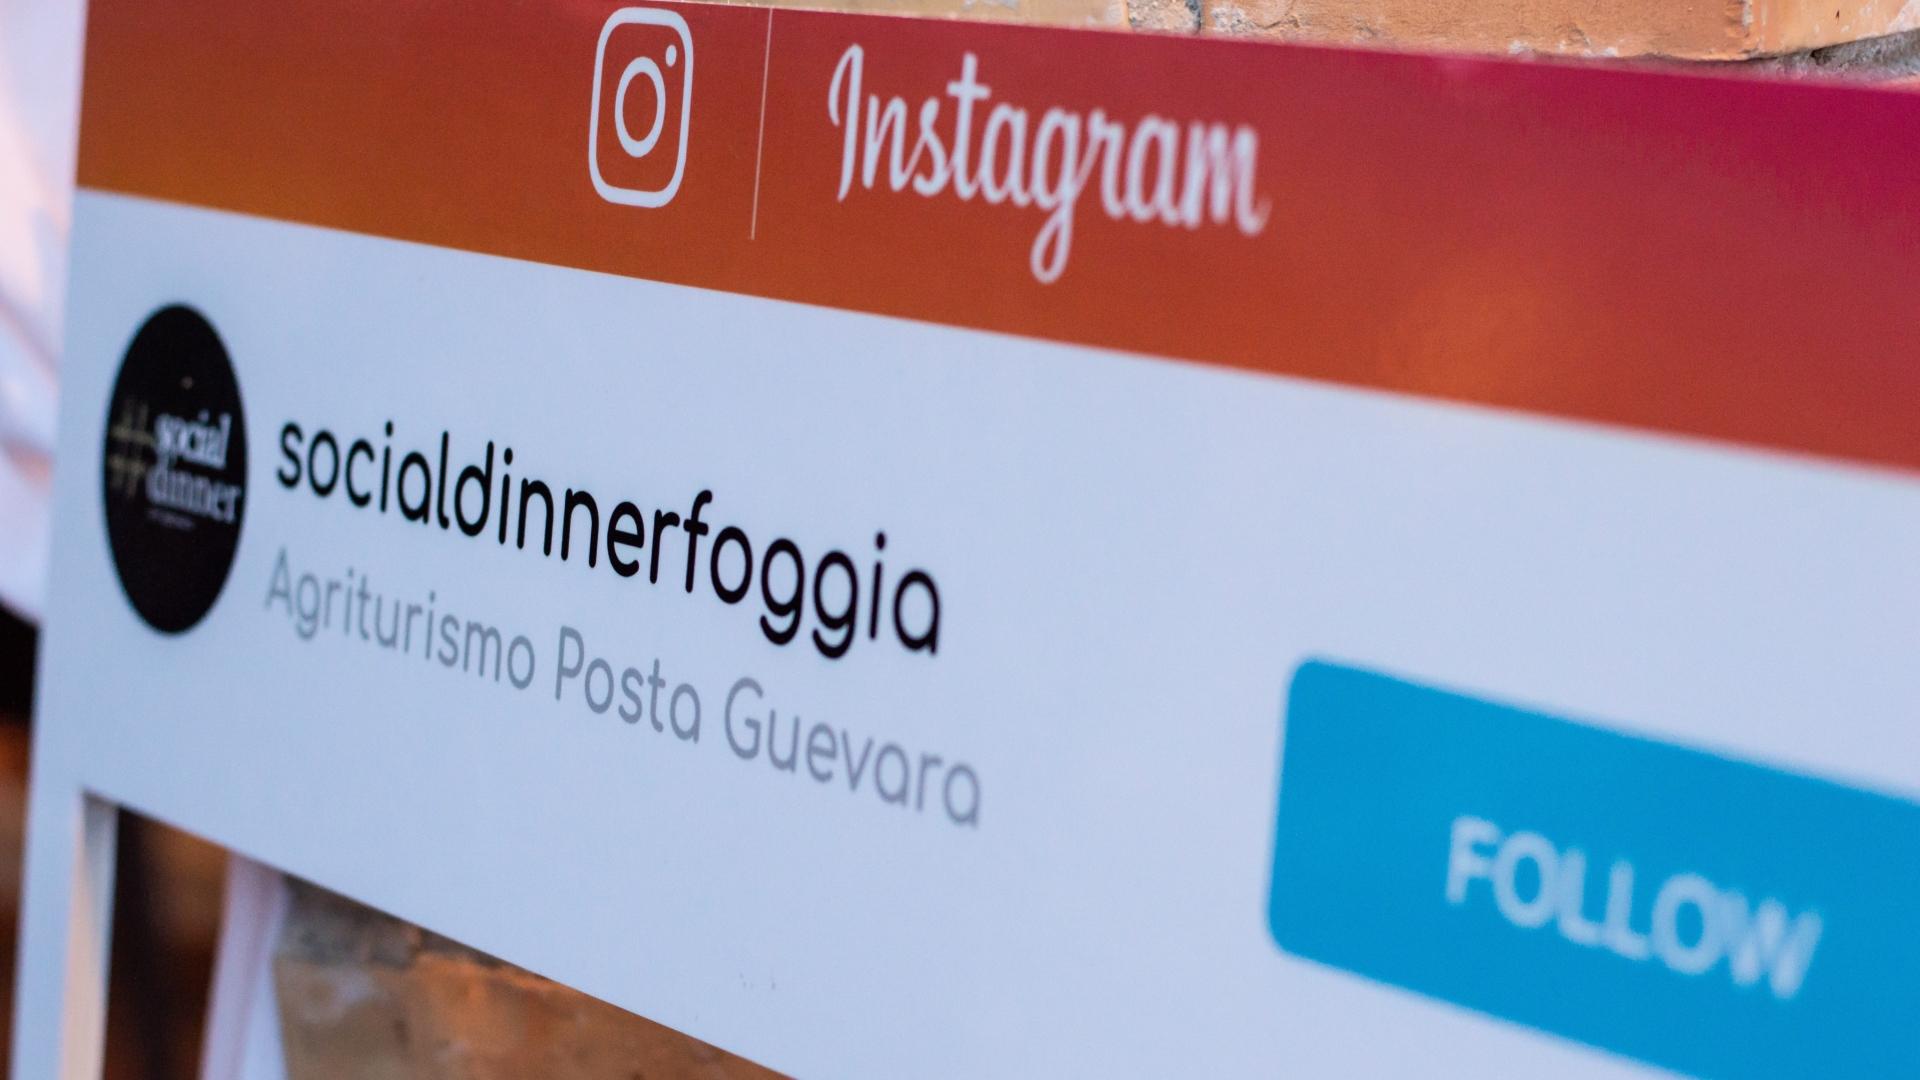 Social dinner puglia instagram